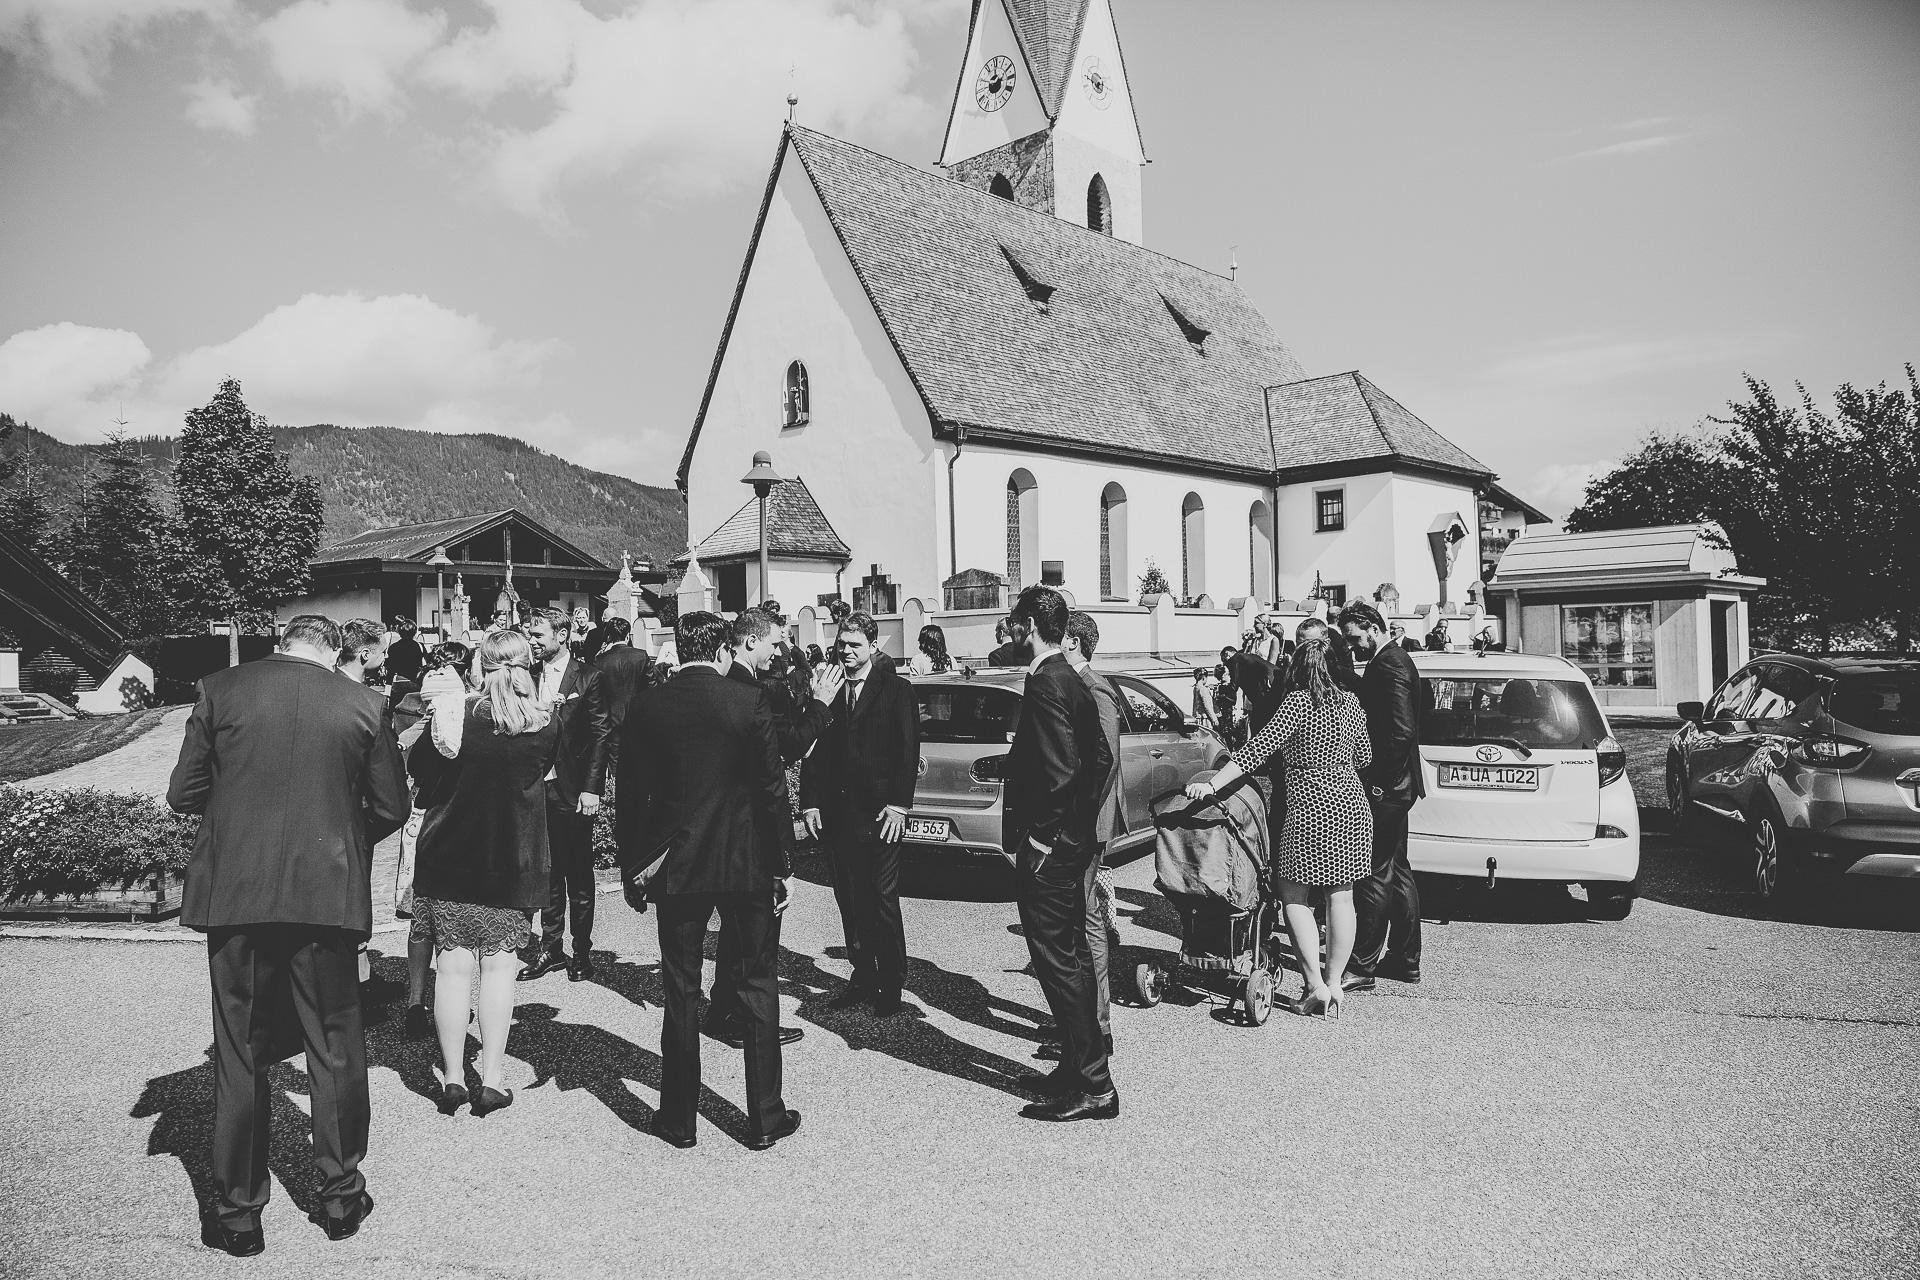 Alexander Utz, Fotografie, Hochzeit, Augsburg, Brautkleid, Brautstrauss-28